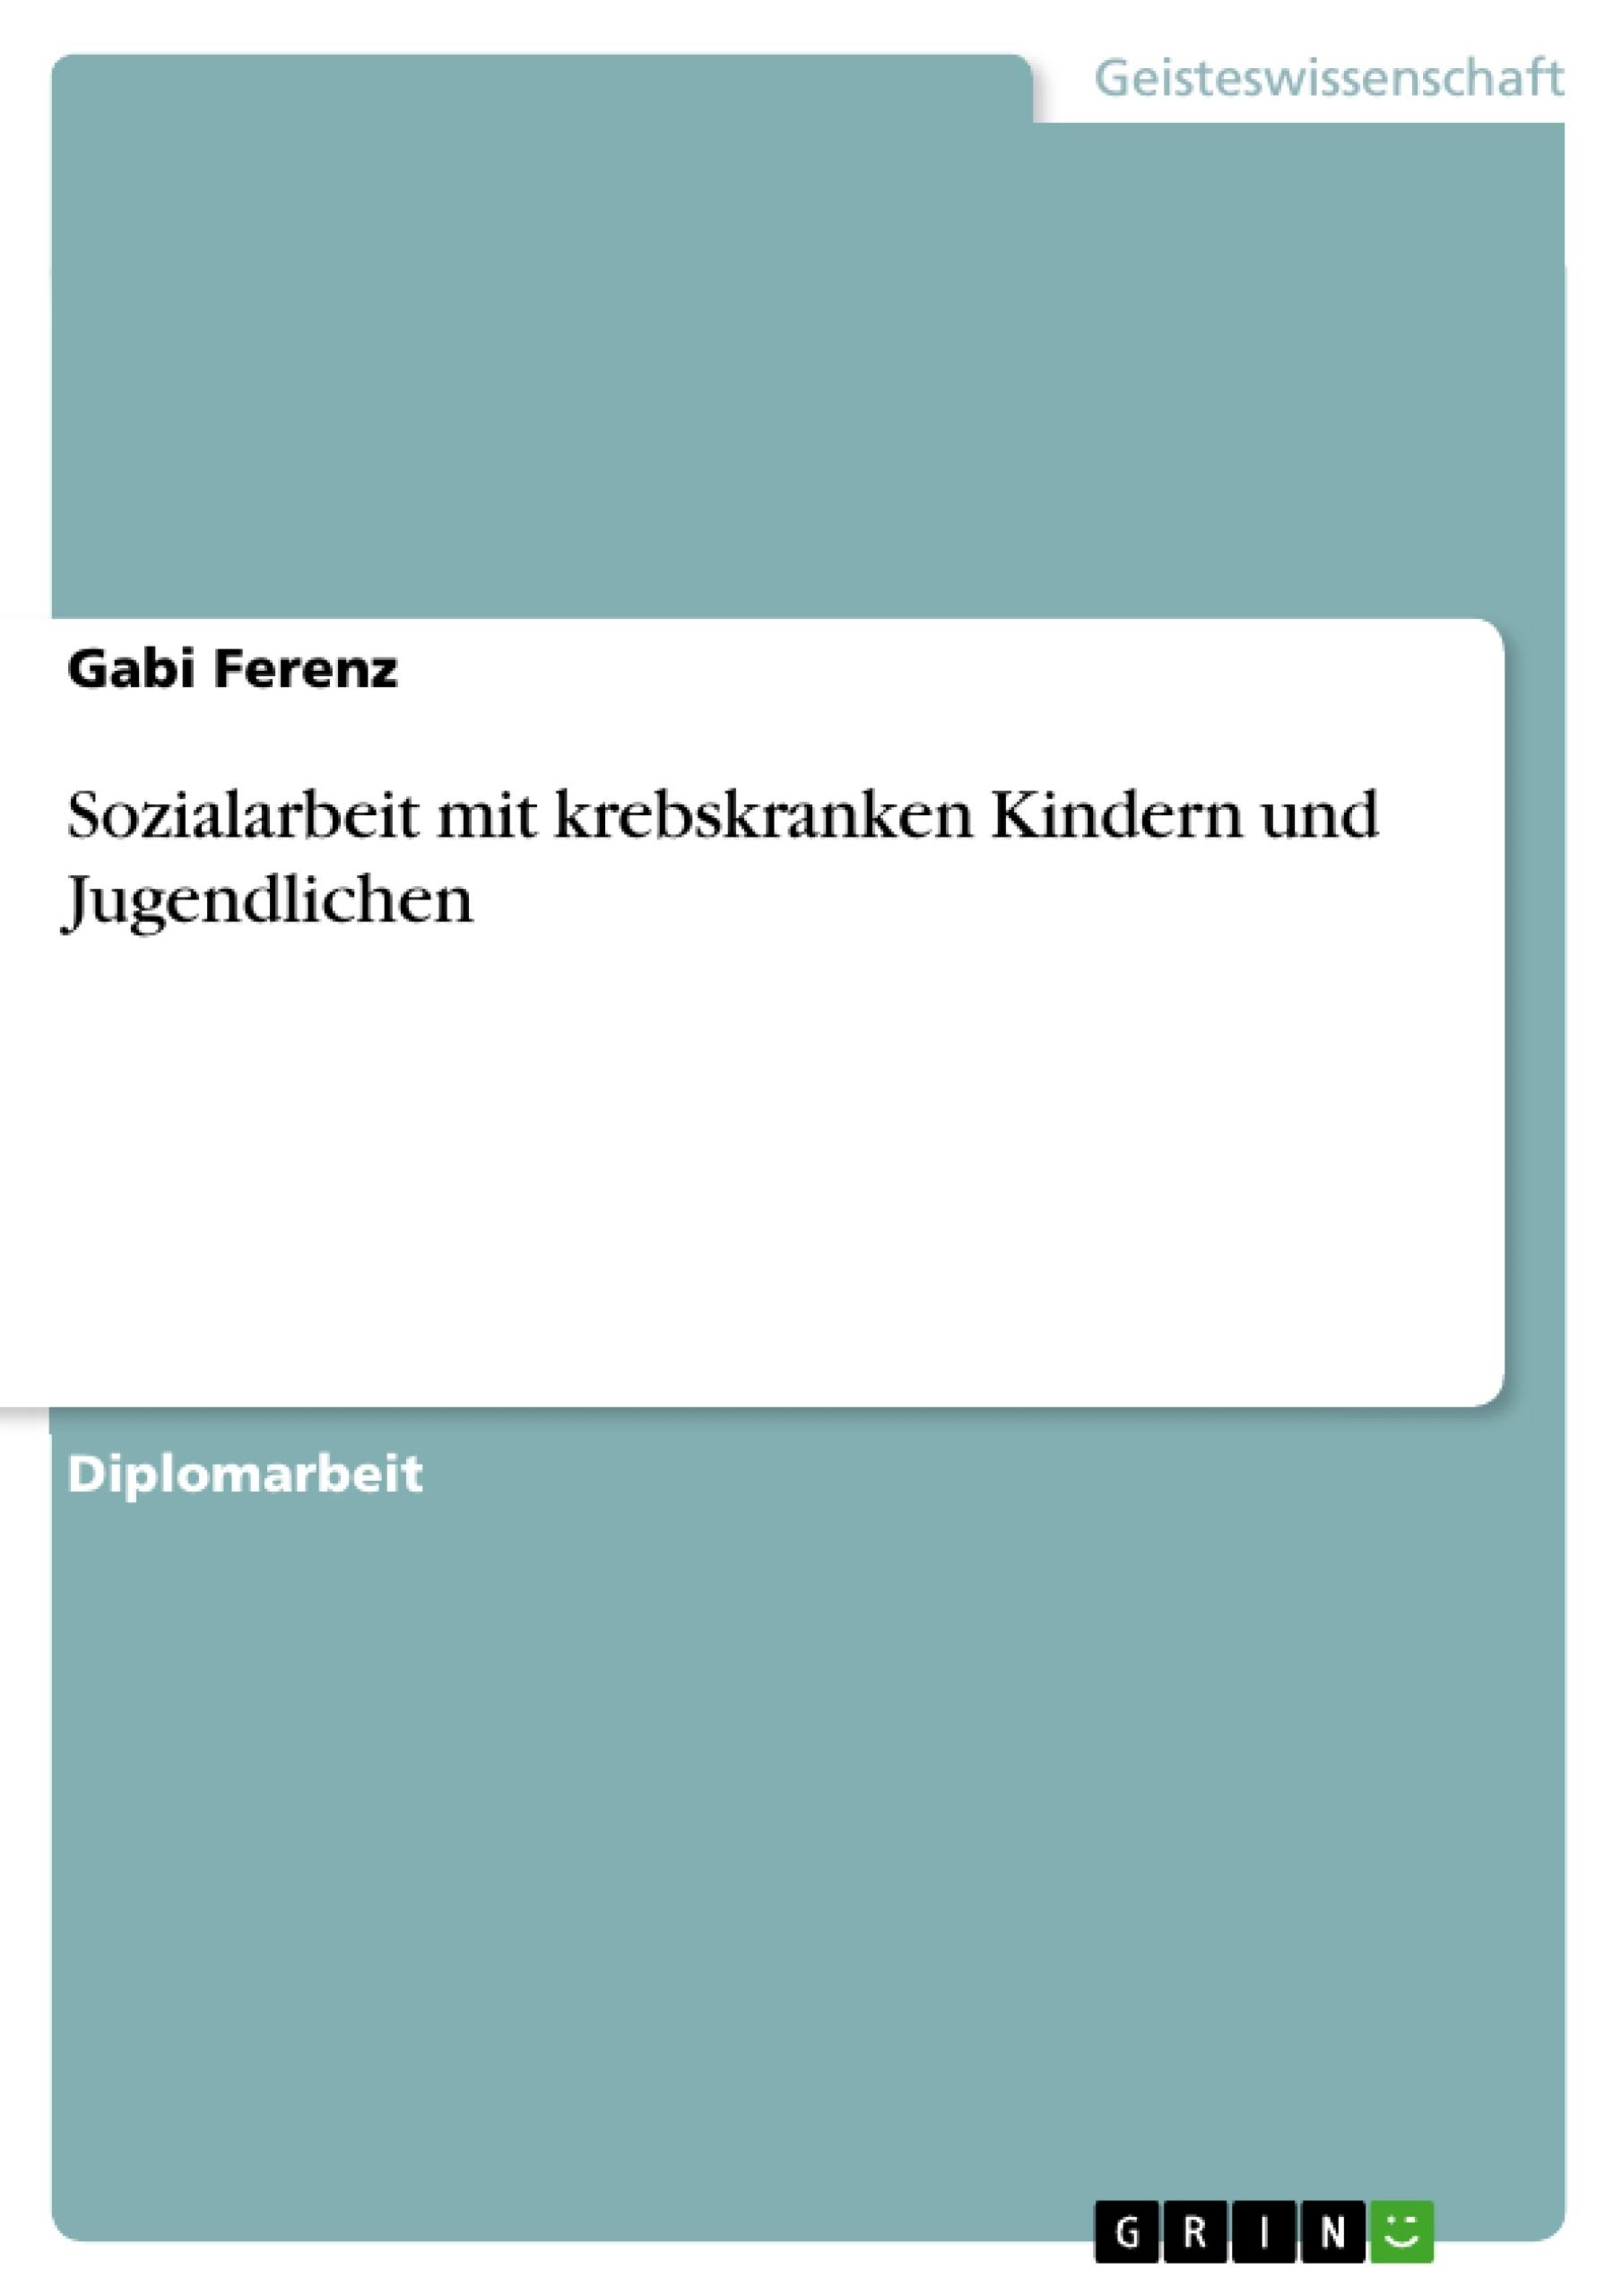 Titel: Sozialarbeit mit krebskranken Kindern und Jugendlichen